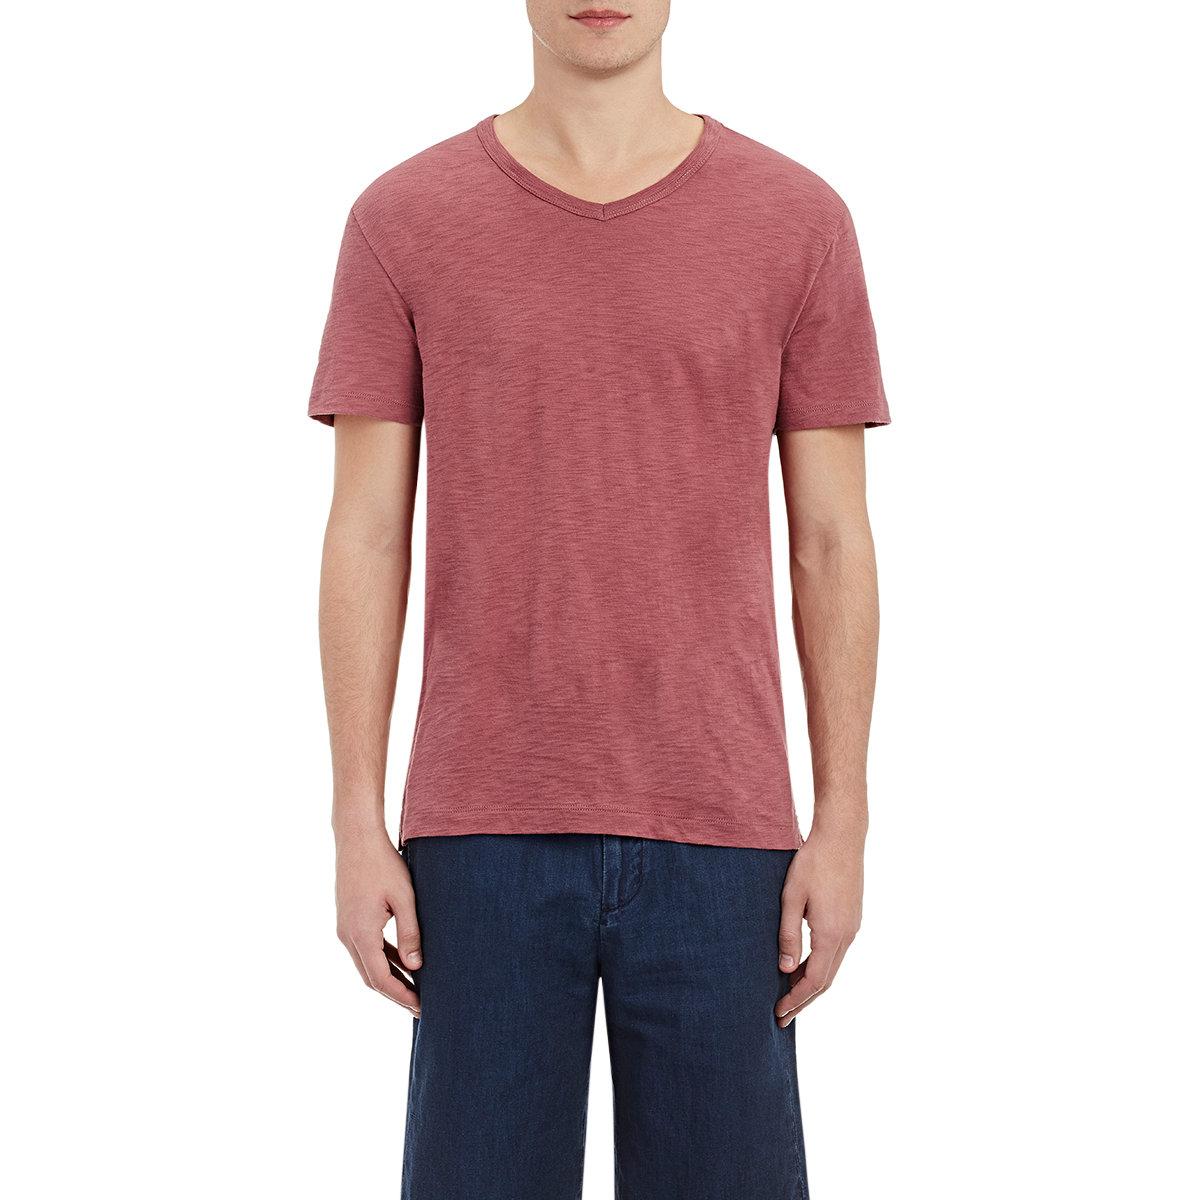 Borgo Mens Clothing